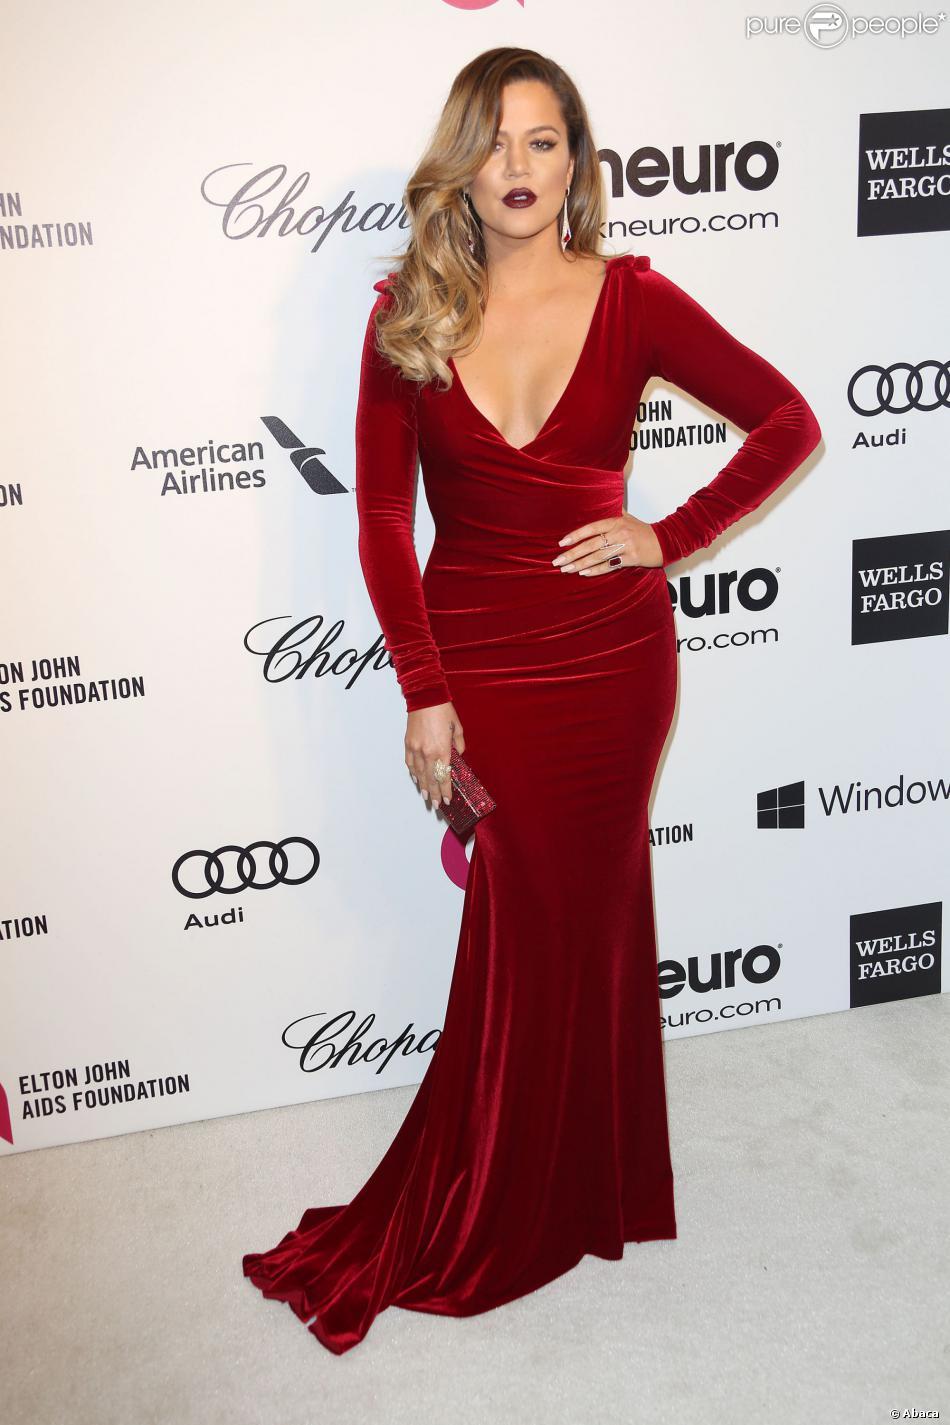 Khloe Kardashian lors de la 22e édition des Elton John AIDS Foundation Academy Awards à West Hollywood, Los Angeles, le 2 mars 2014